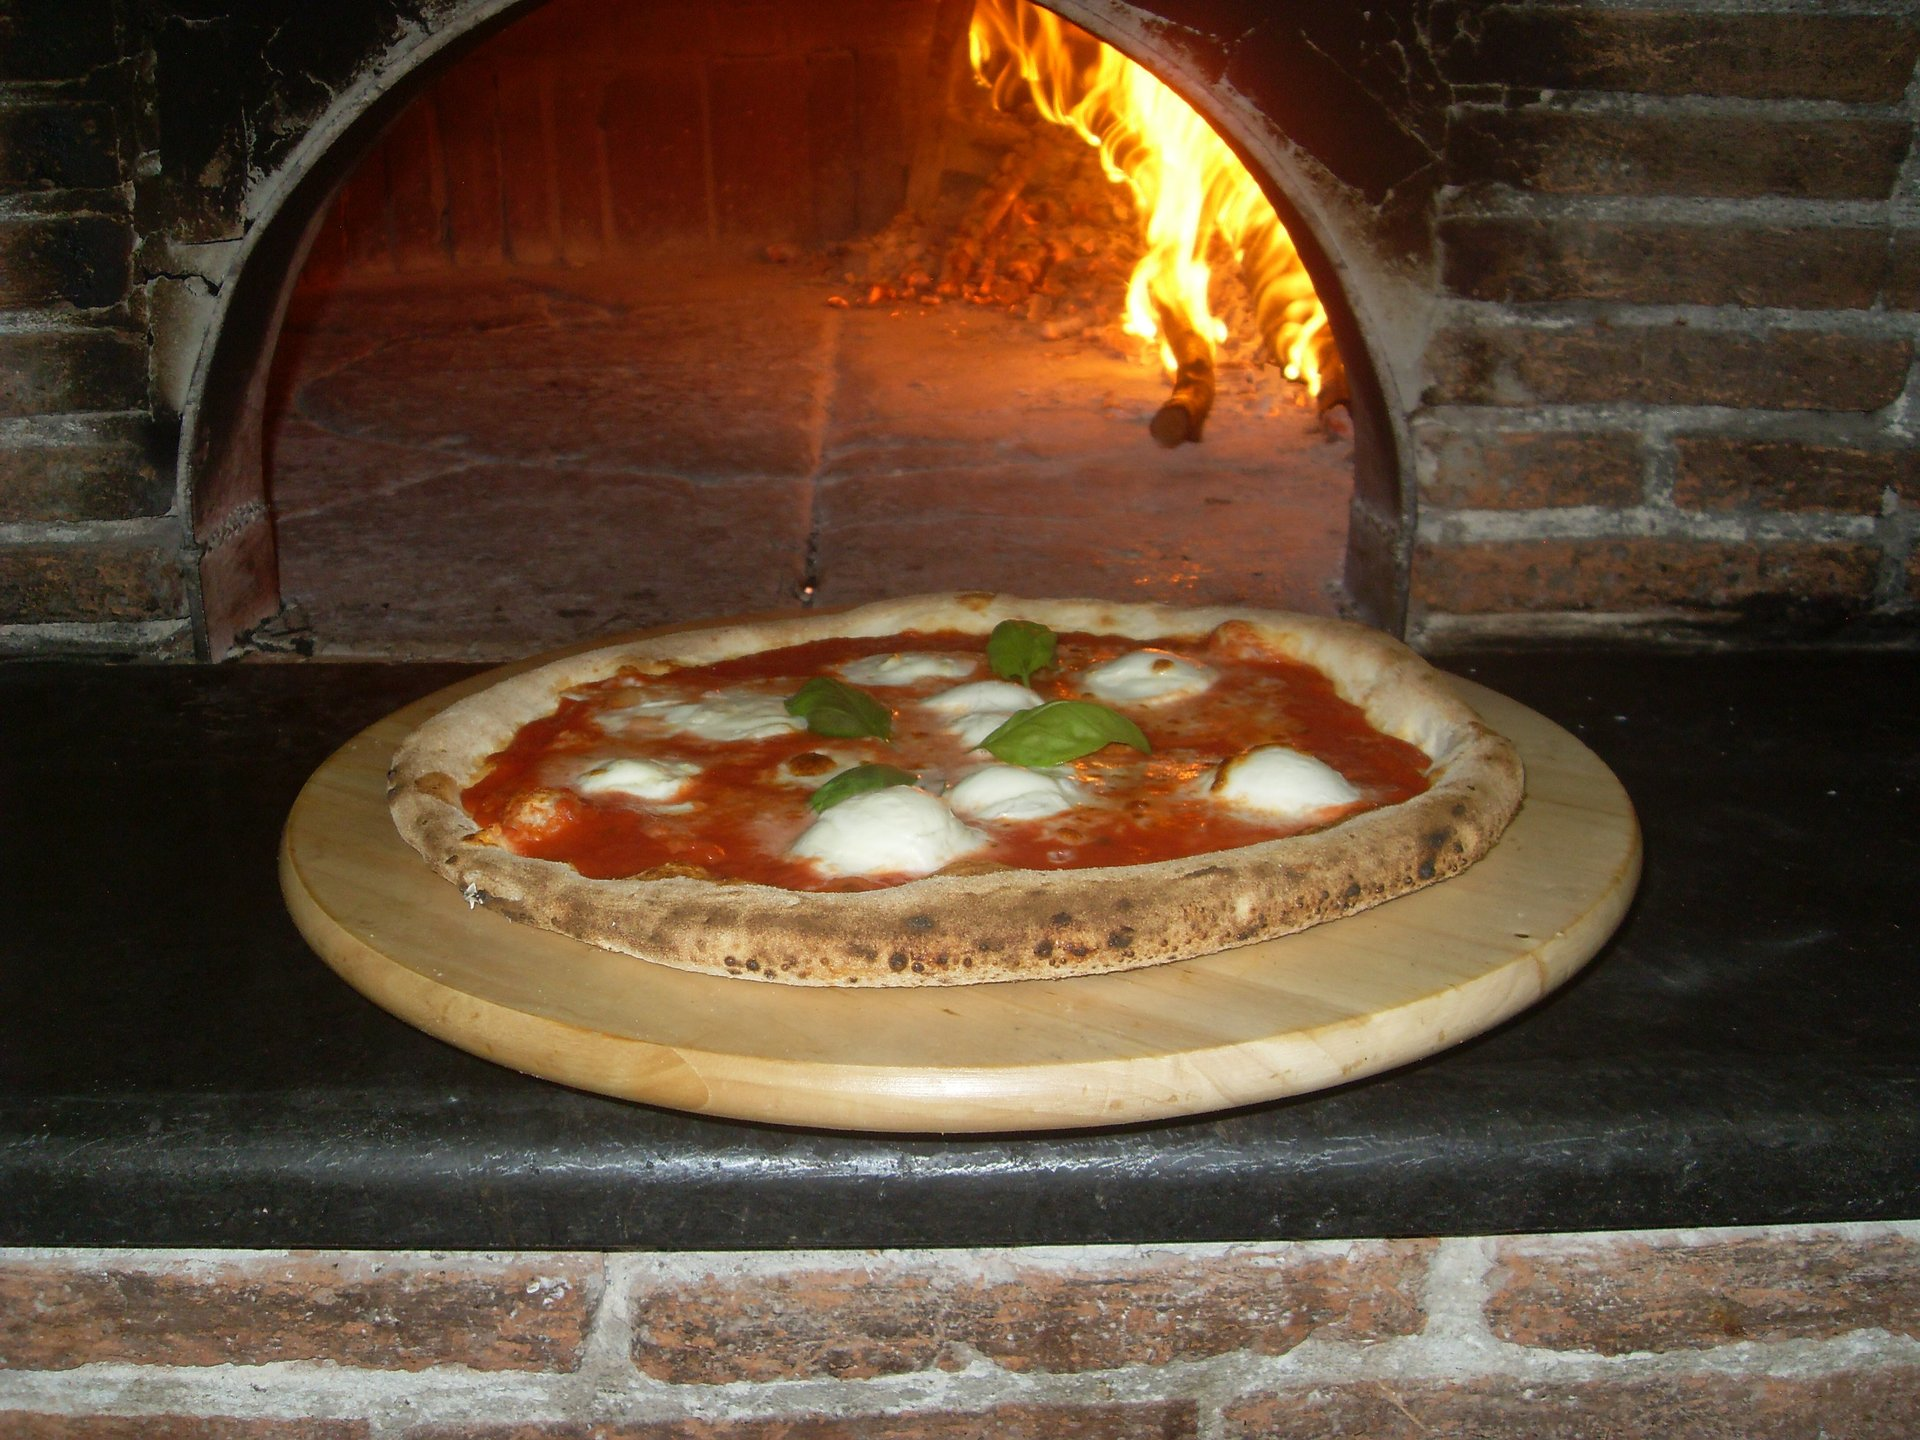 una pizza al lato di un forno a legna